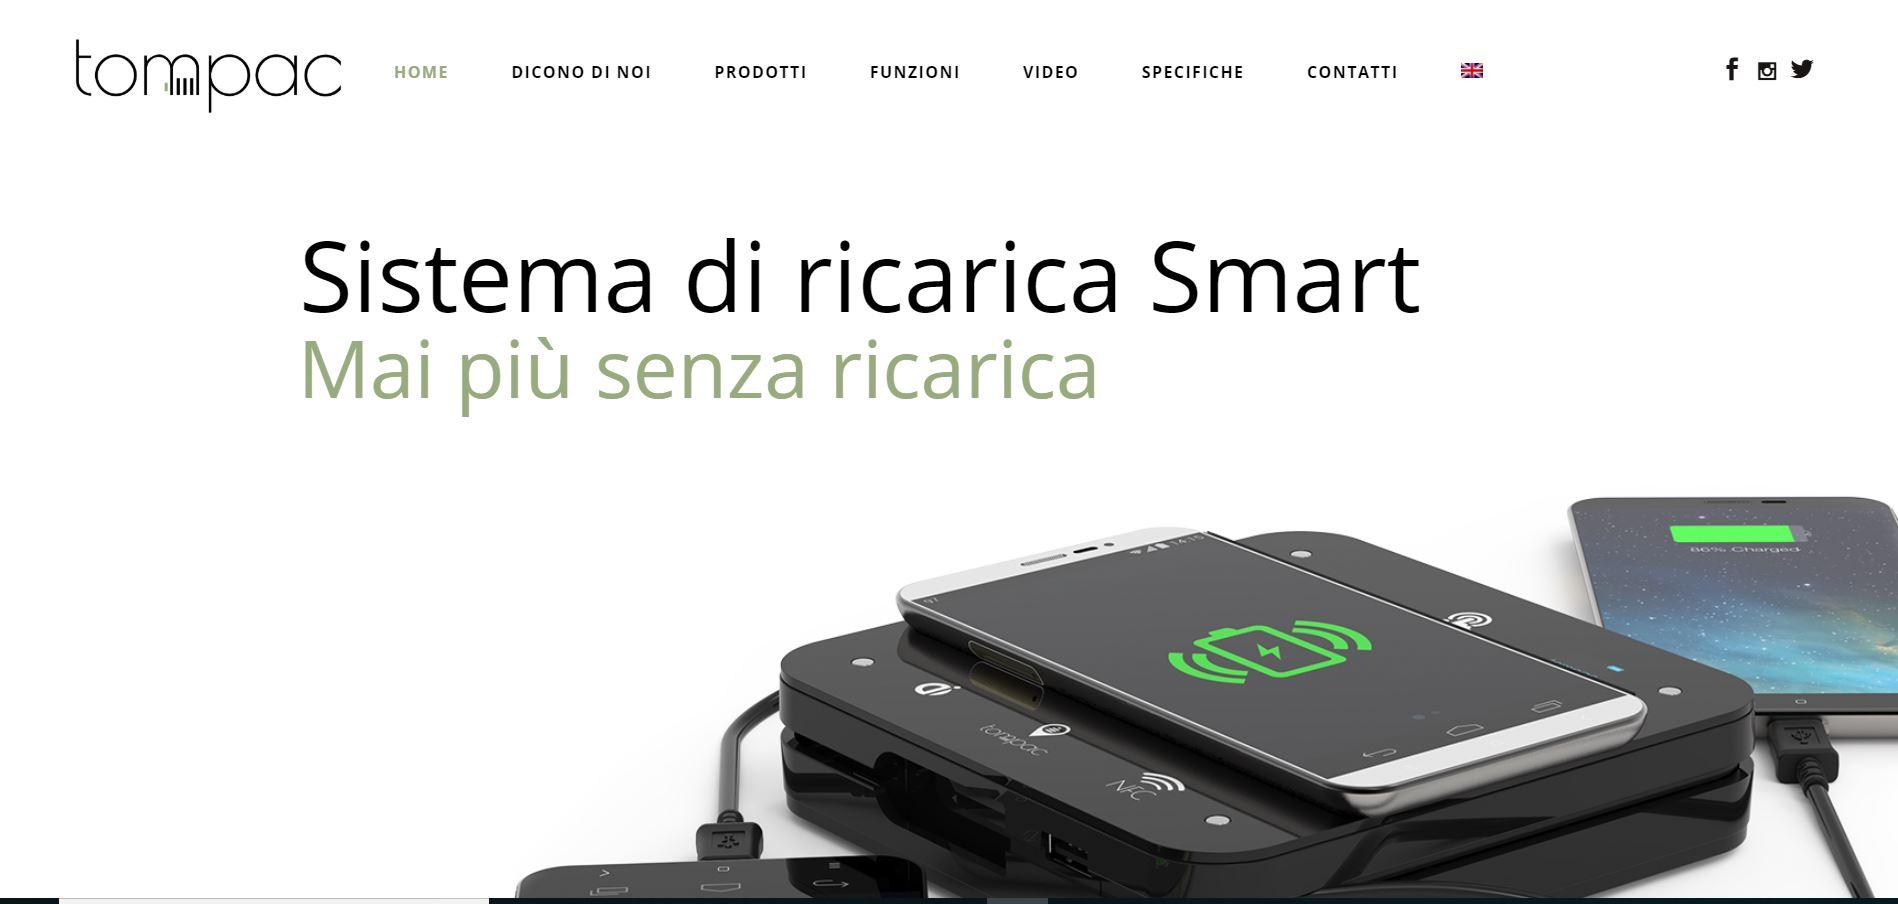 zoomart.net-realizzazione-sito-web-tompac-web-agency-napoli-siti-web-sorrento